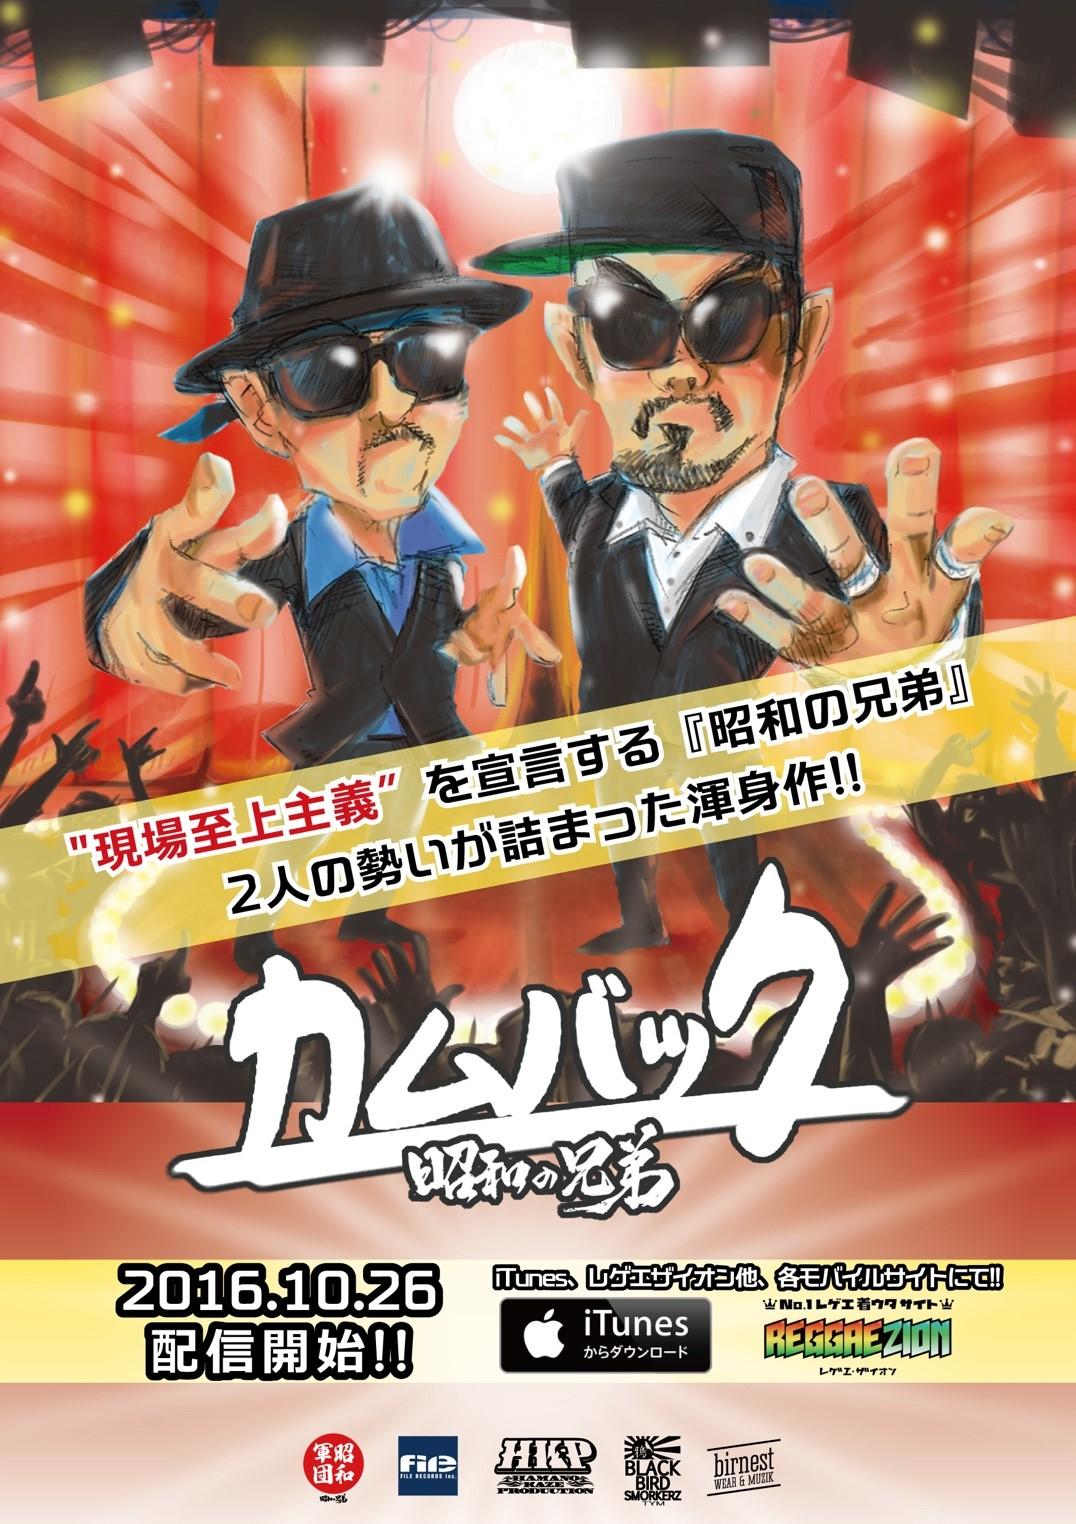 昭和の兄弟 カムバック ジャケフライヤー2016